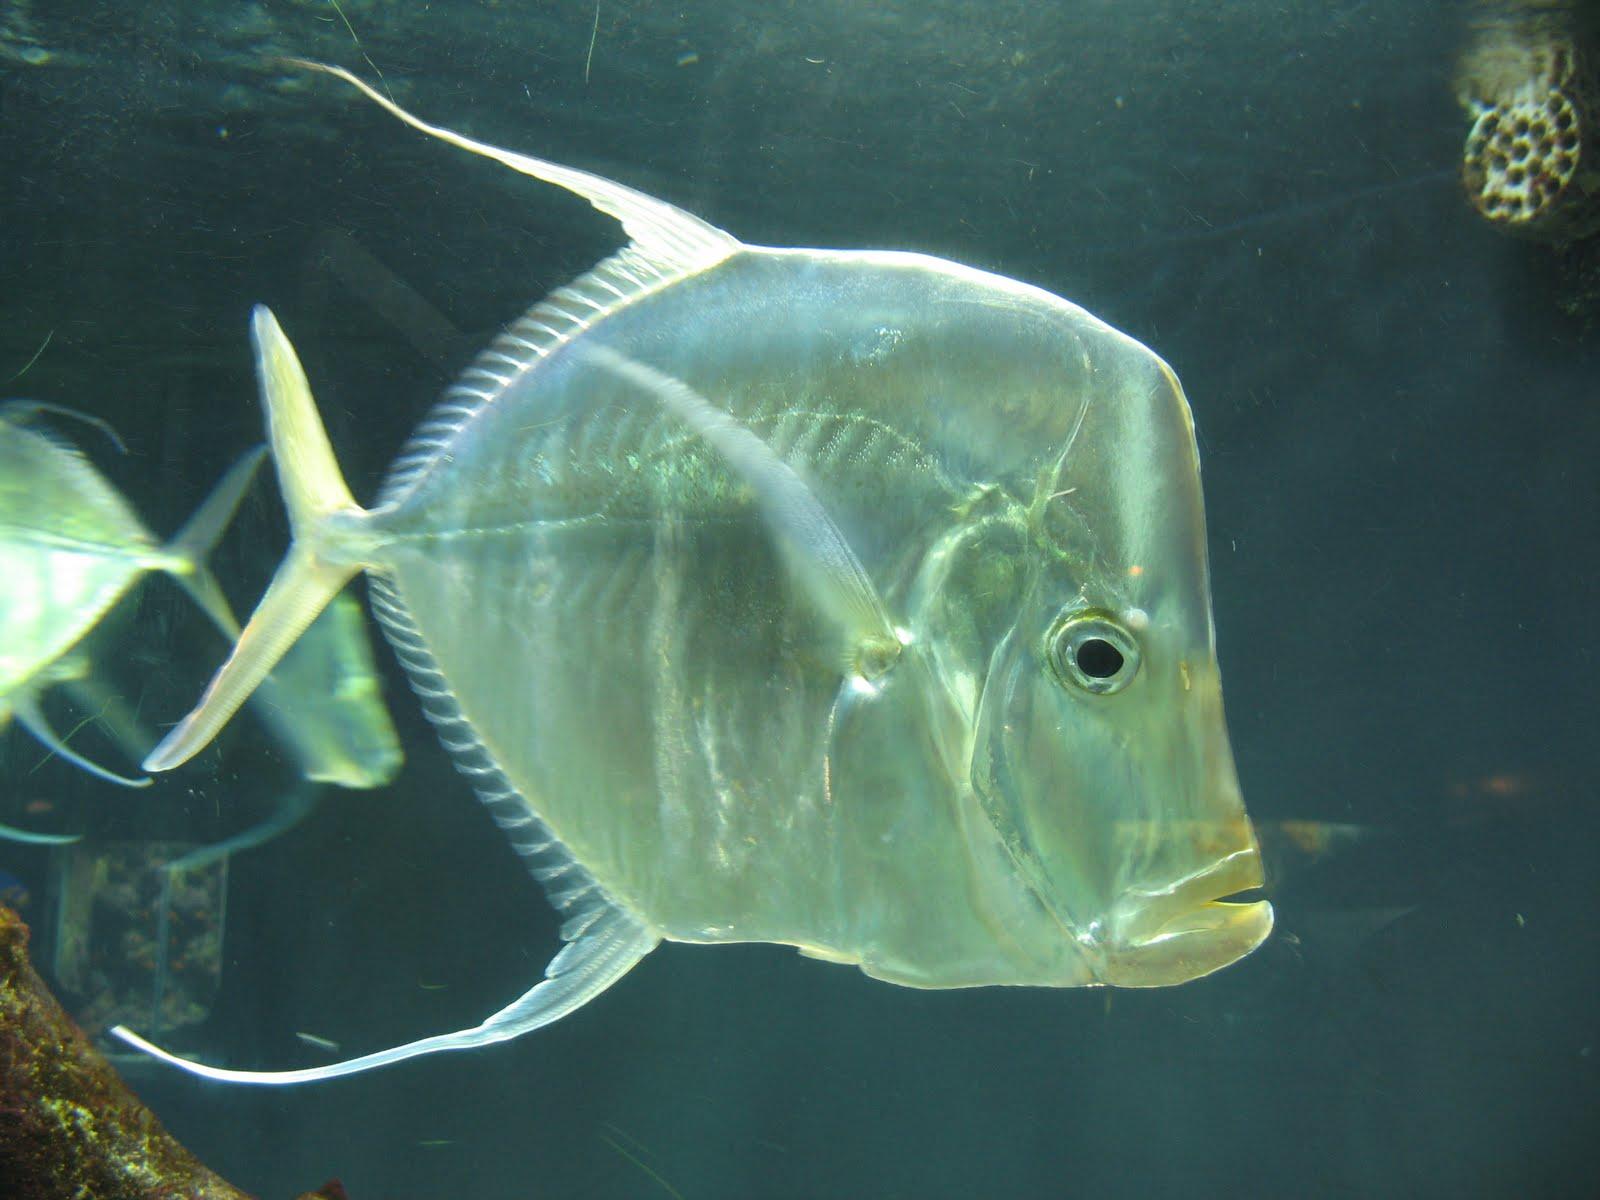 Populares A Arte da Pesca: Peixes de Água Salgada - Peixe Galo BP04